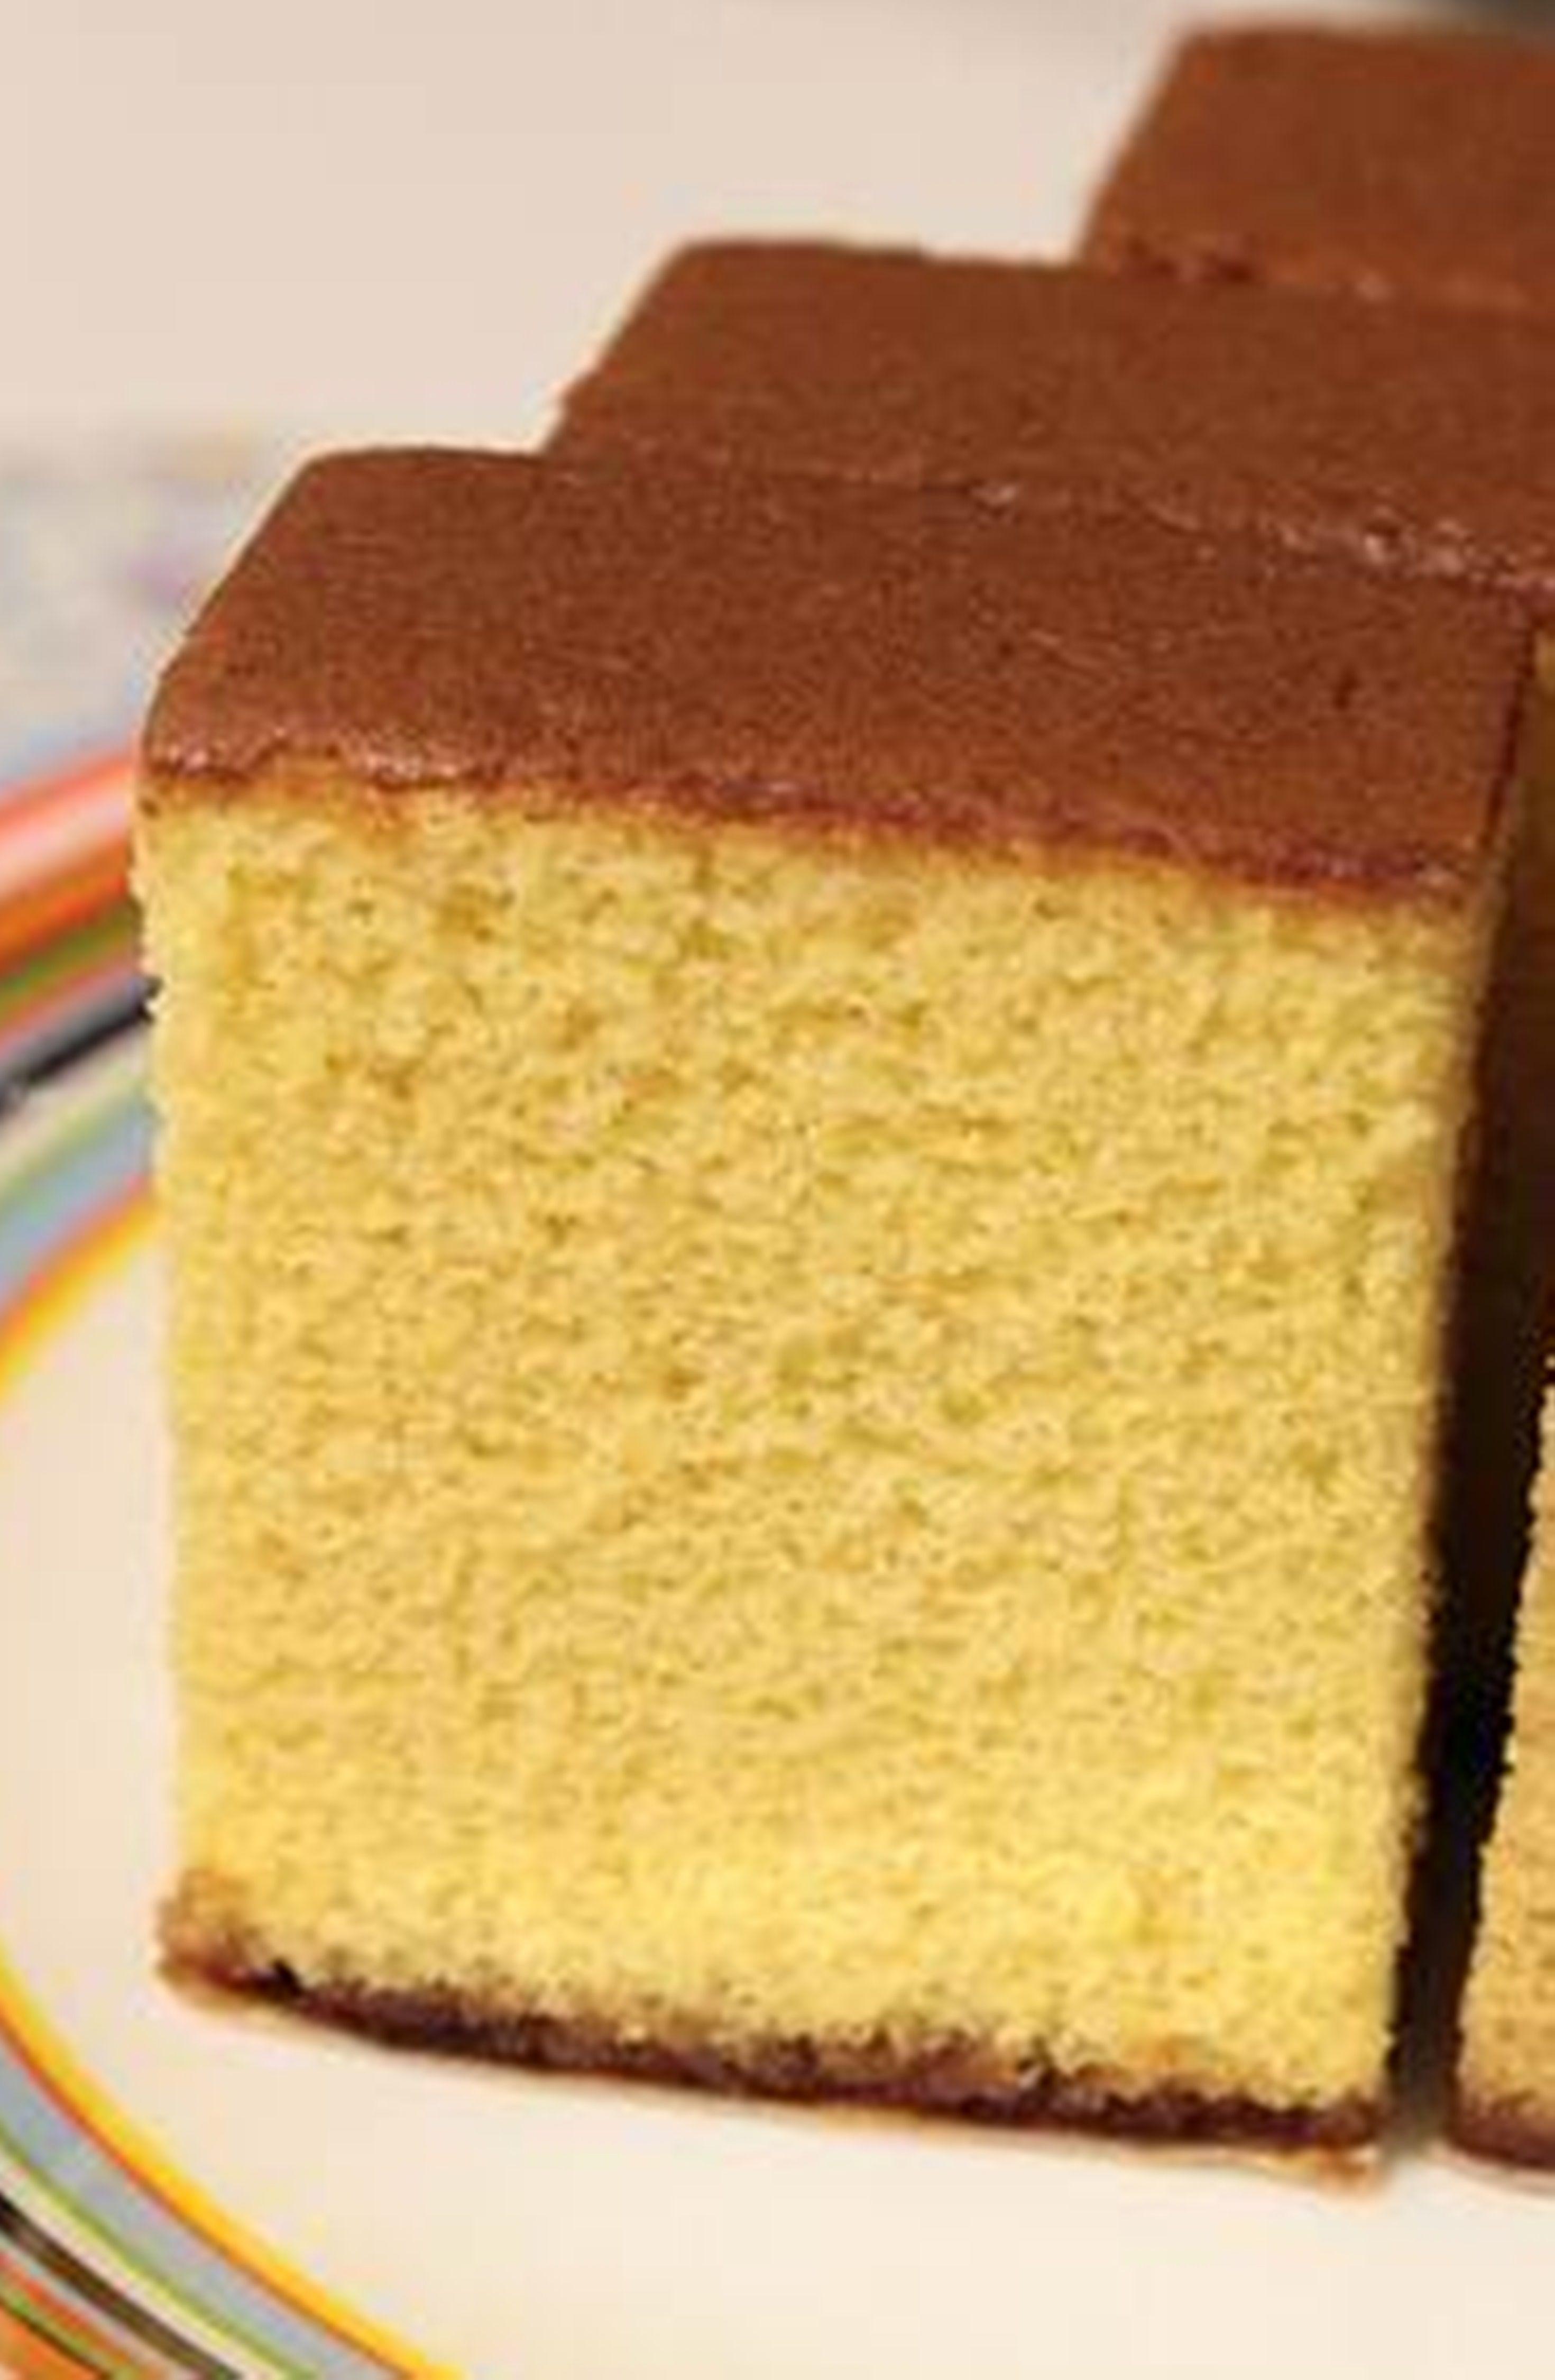 Resep Dan Cara Membuat Kue Bolu Panggang Lembut Dan Enak Kue Bolu Kue Bolu Mentega Kue